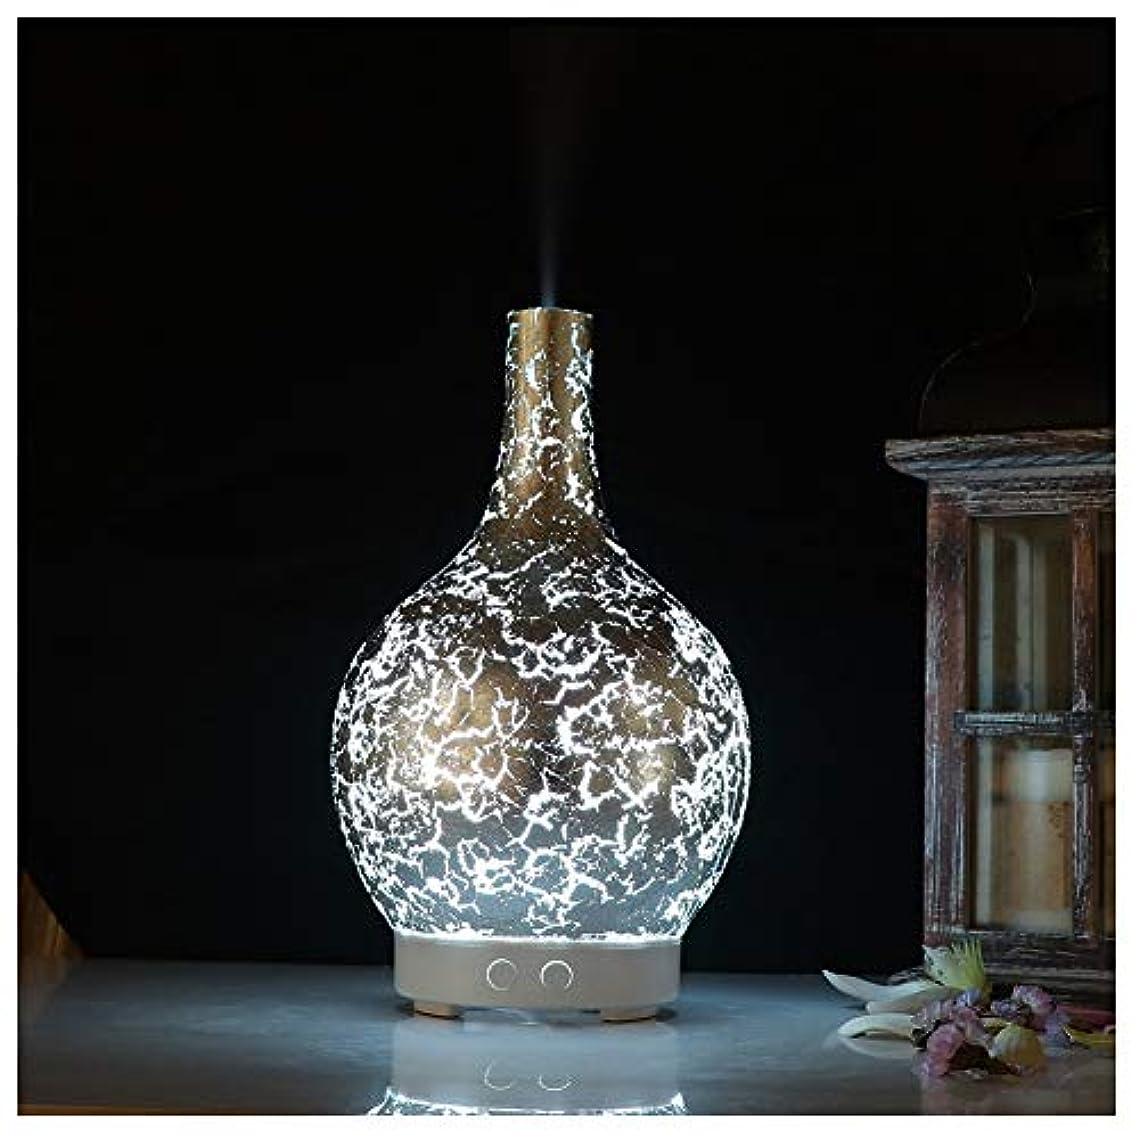 悪化するマインドフル性格エッセンシャルオイルディフューザーミニ3Dガラス、高度な超音波アロマセラピーフレグランスオイルディフューザー蒸発器加湿器、7色フレグランスランプ、ヨガSPA(クラック)